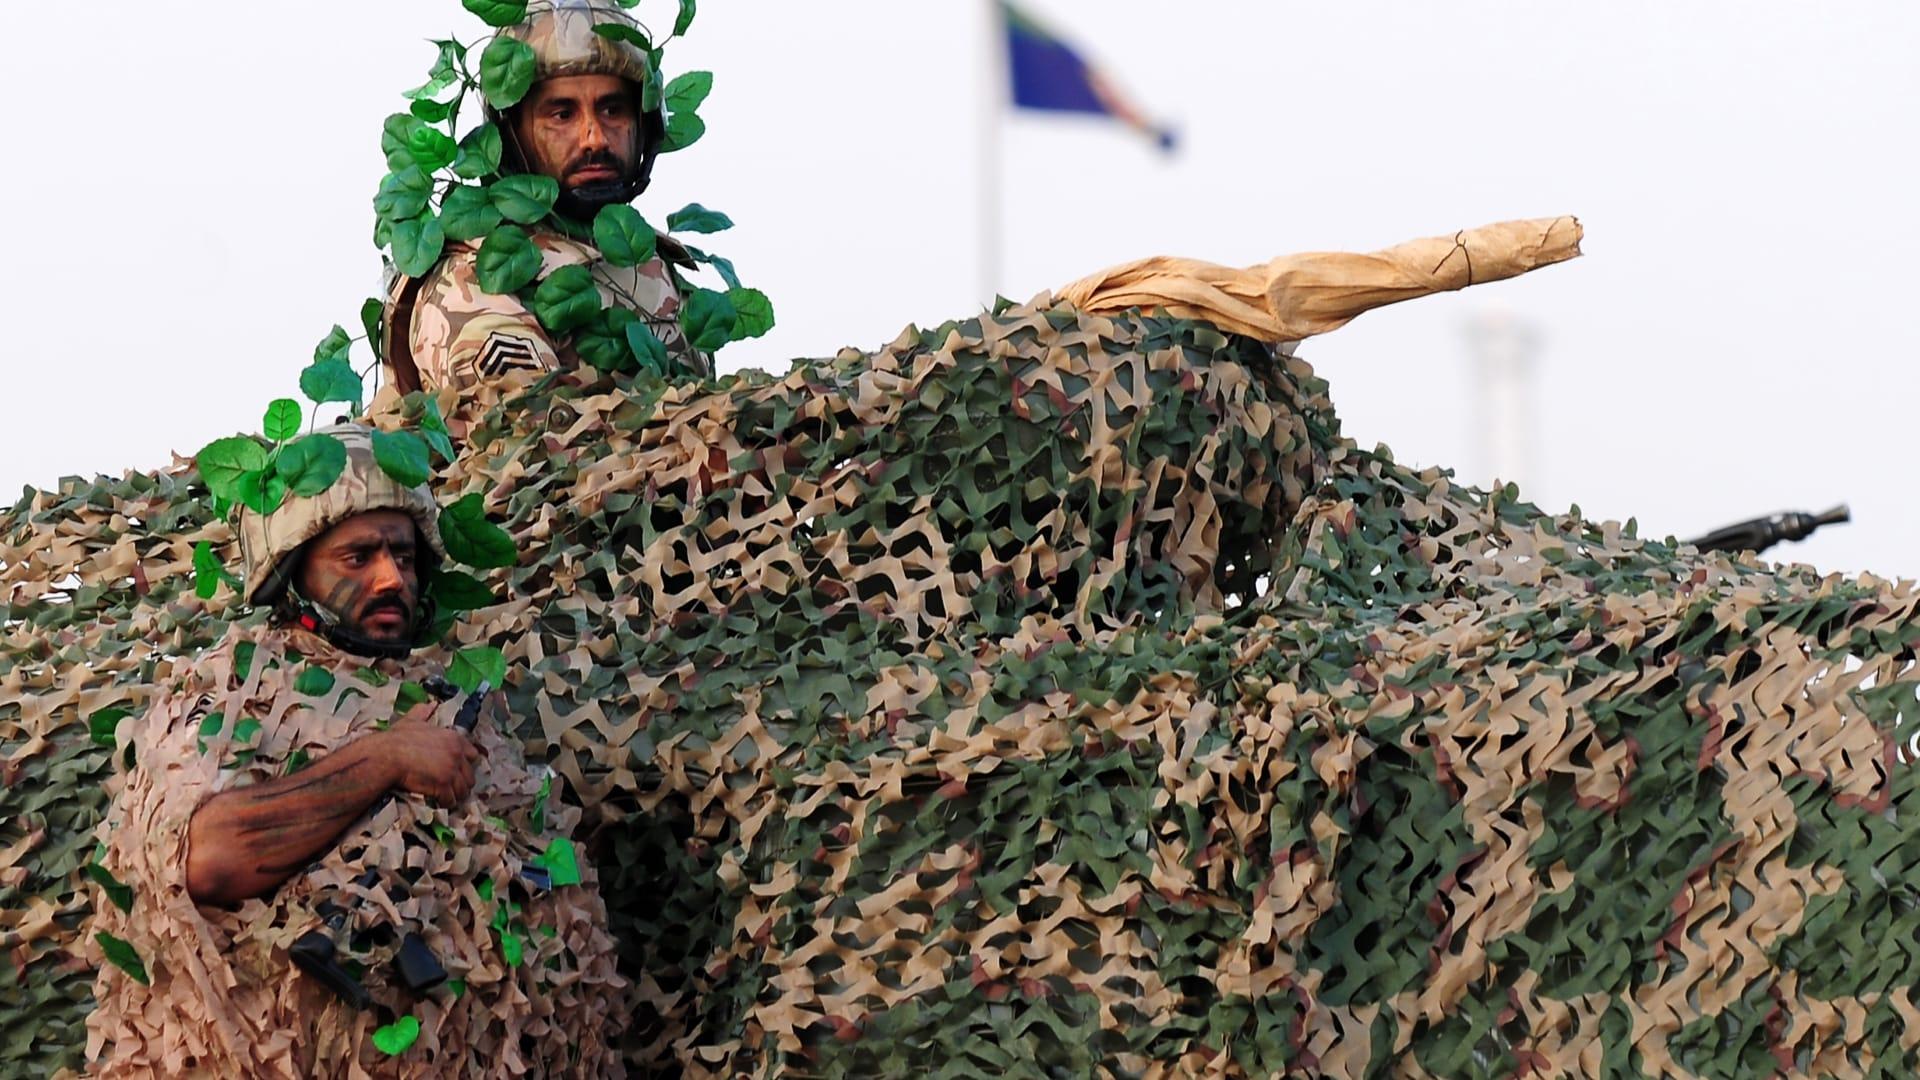 فيديوغرافيك.. تصنيف قطر العسكري يتراجع لتصبح الـ100 عالمياً